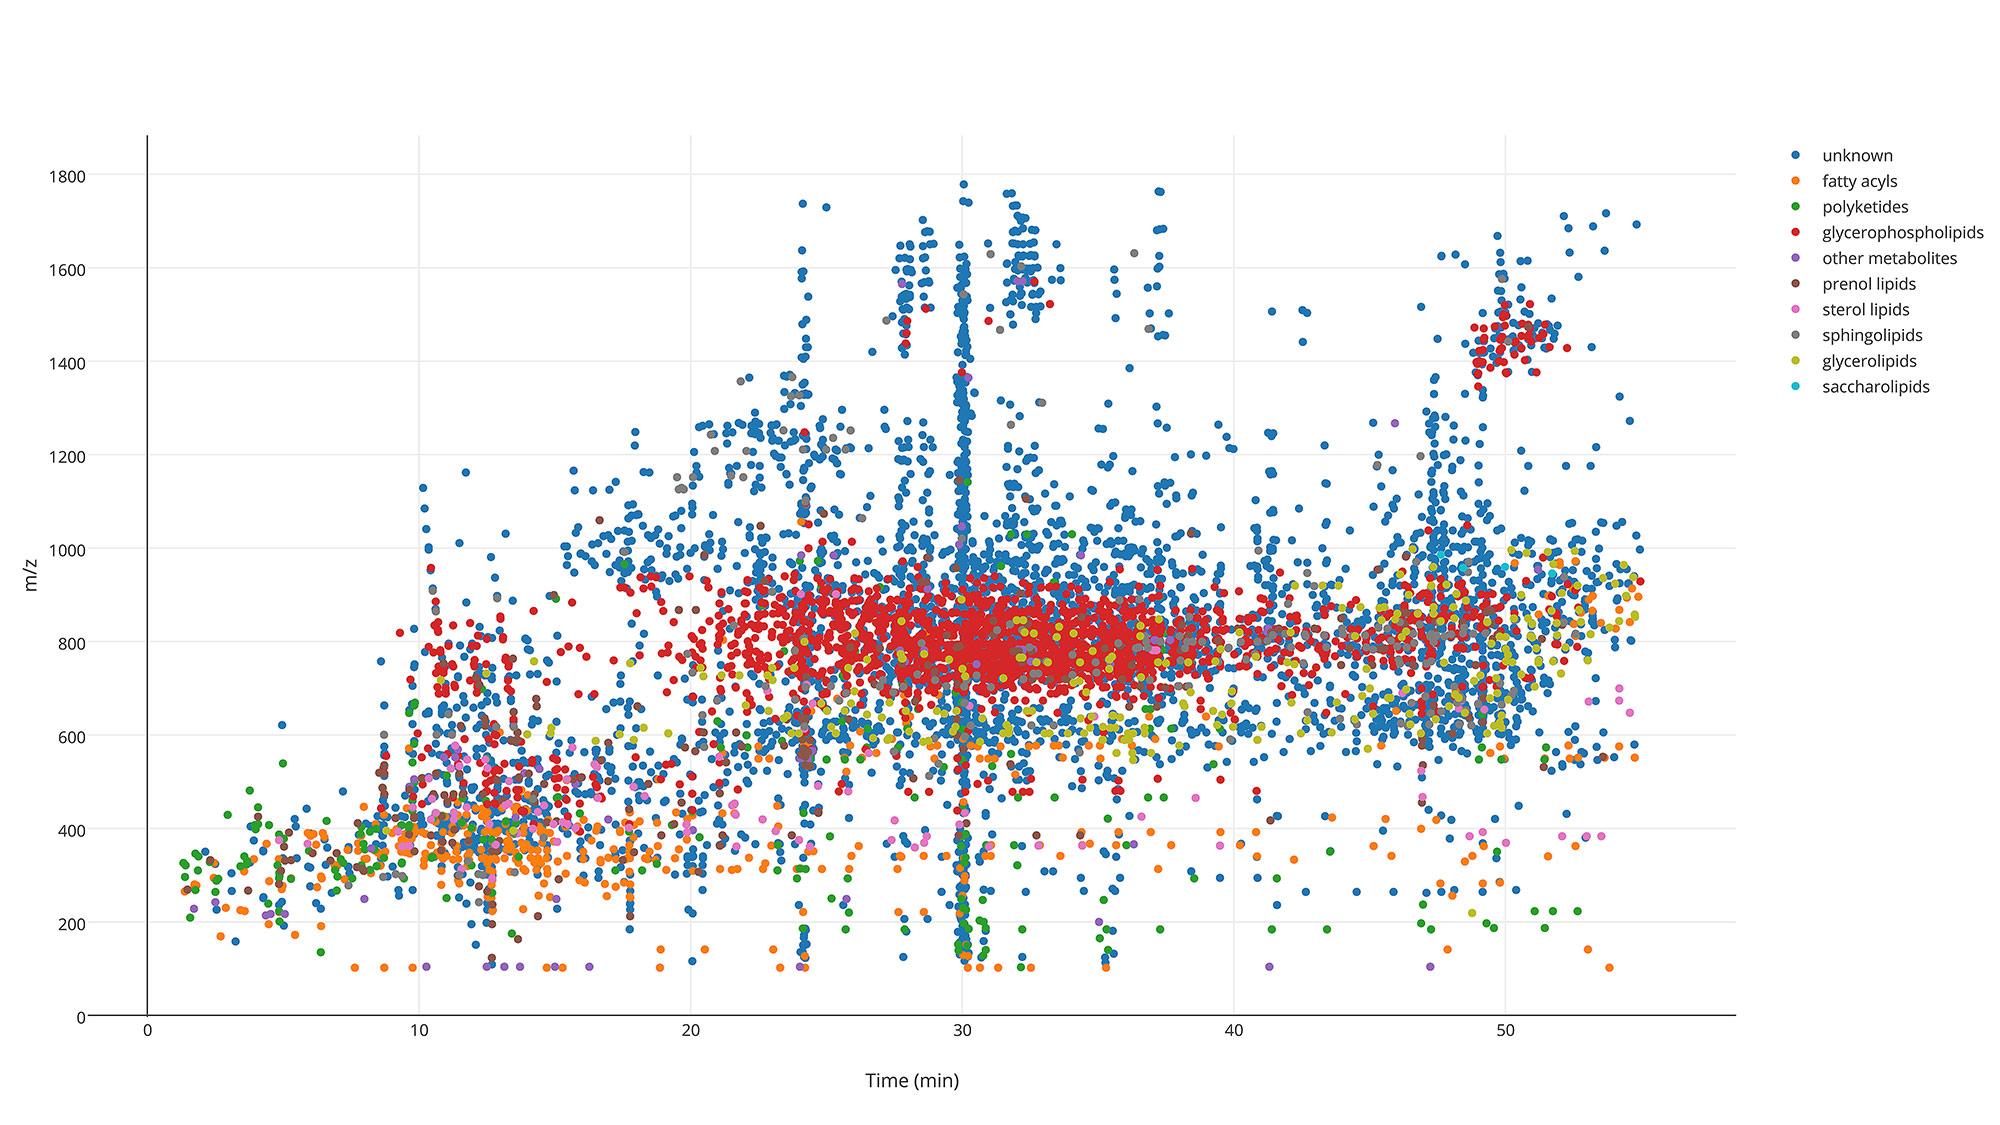 2D Scatter plot depicting lipids found by LipidFinder